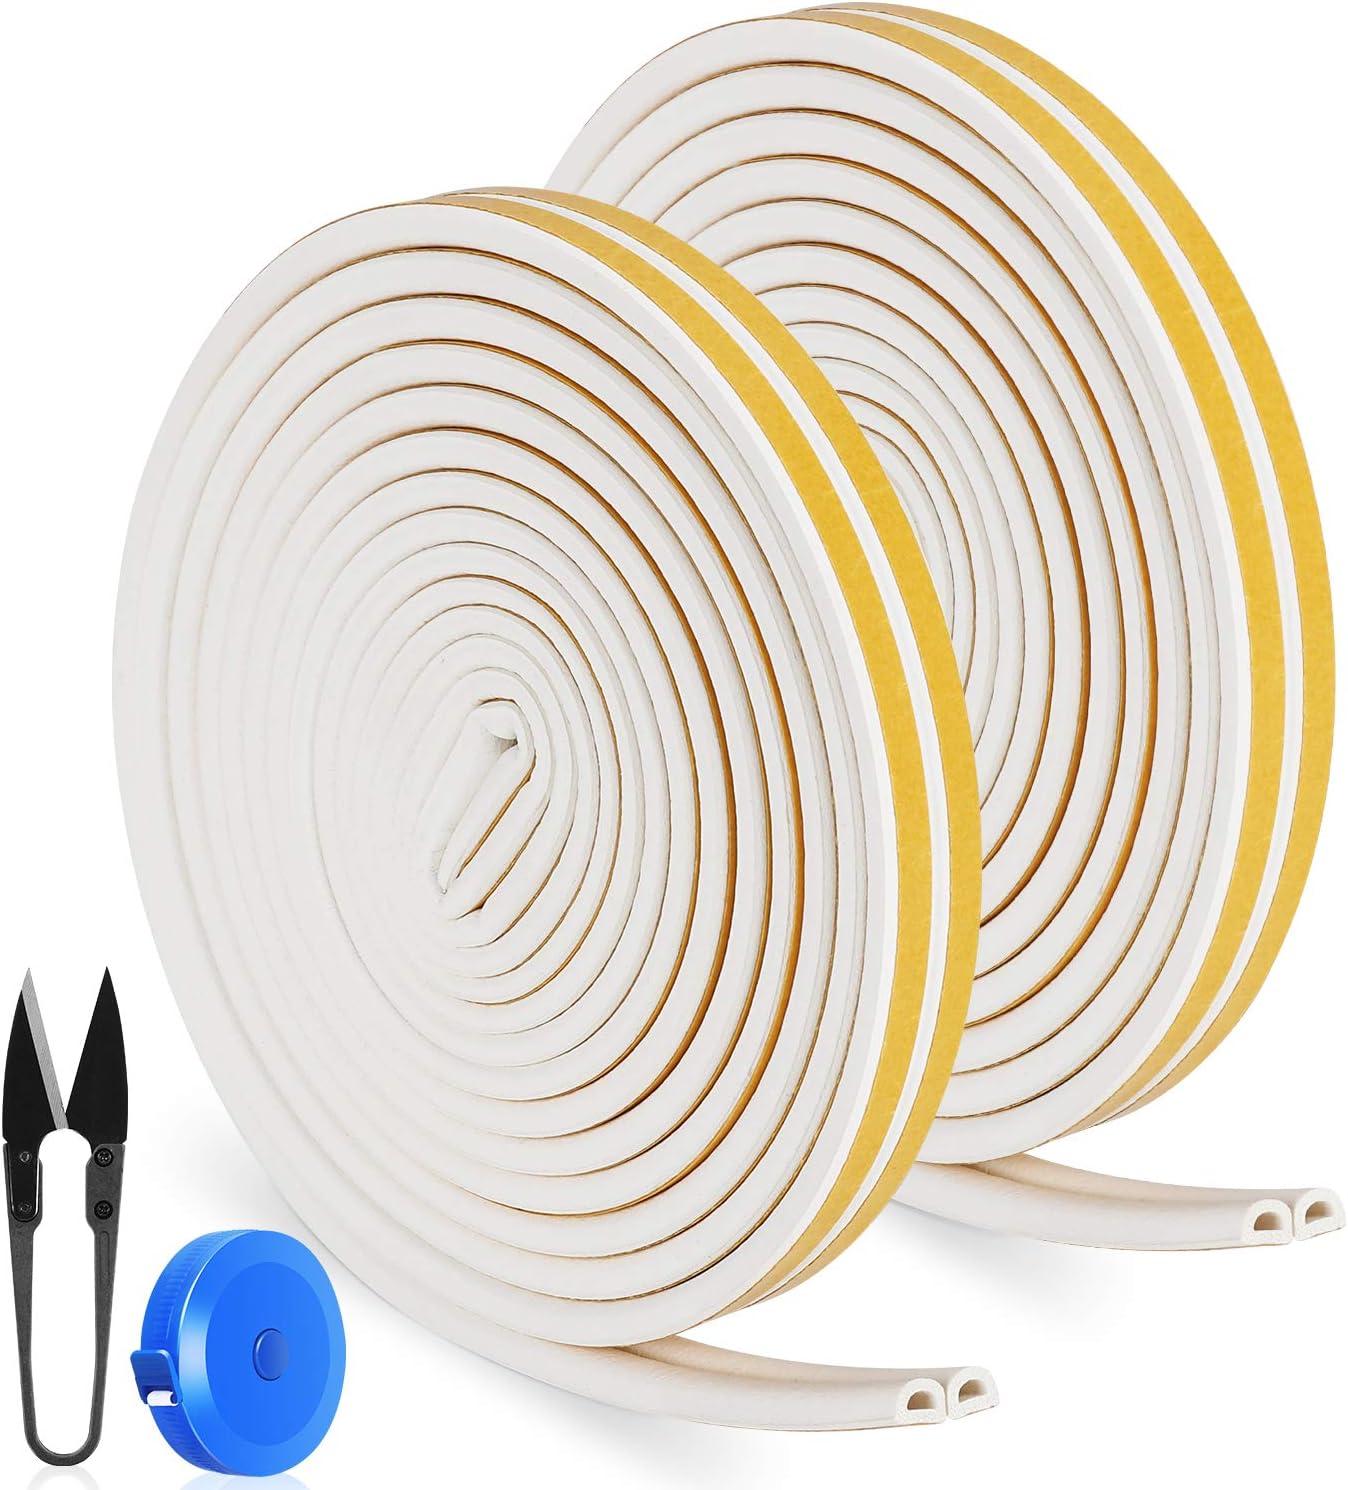 RATEL Tira de Sellado Junta de 16m/ 52.5ft, Goma burlete para Puerta Ventana Antigolpes Resistente al Agua Autoadhesiva con 1 tijera y 1 cinta métrica para bloquear grietas y huecos (Blanco)